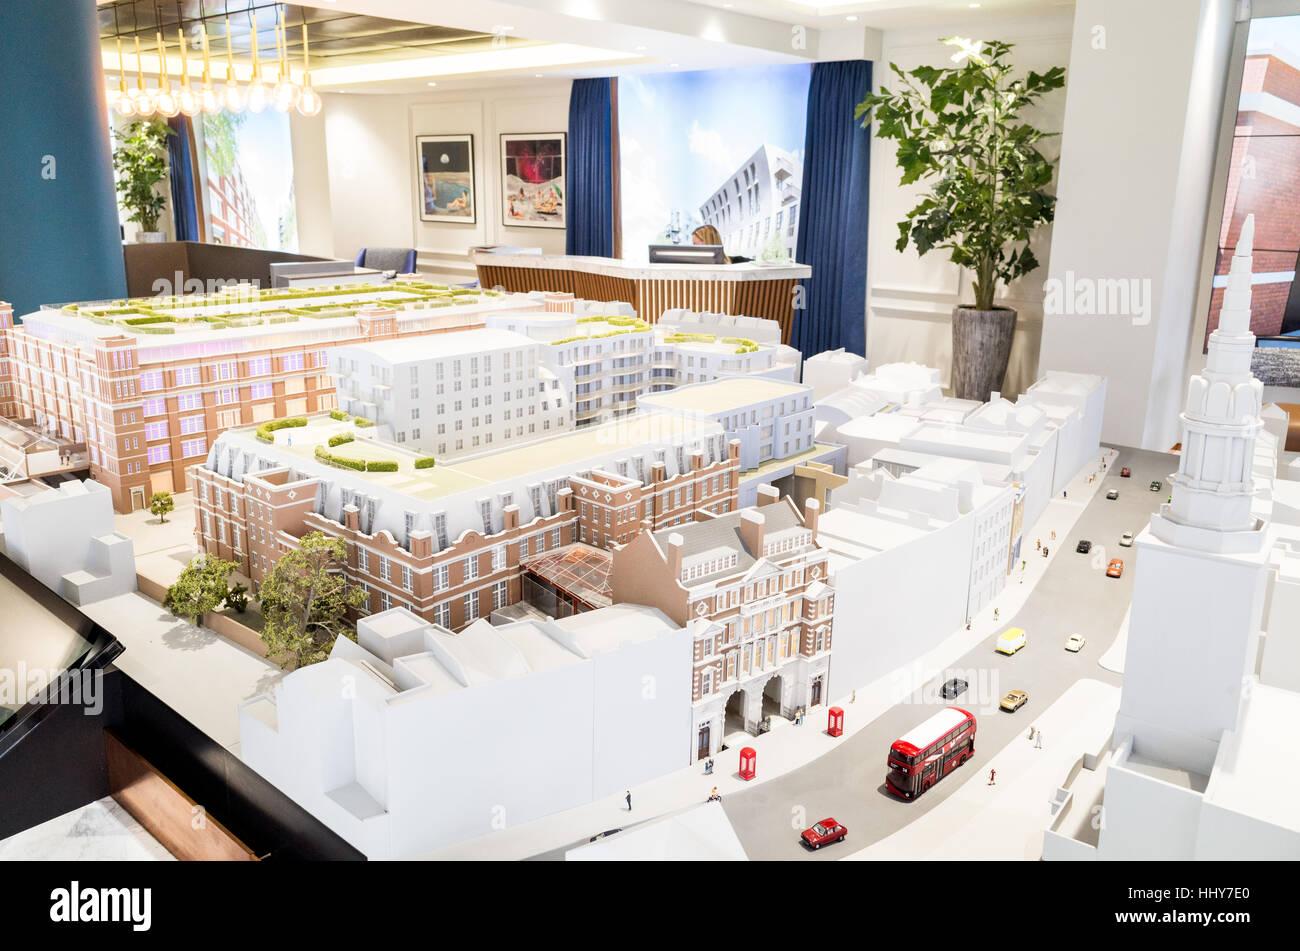 Maqueta arquitectónica del nuevo Islington Square el desarrollo inmobiliario en la suite de marketing, Londres, Imagen De Stock